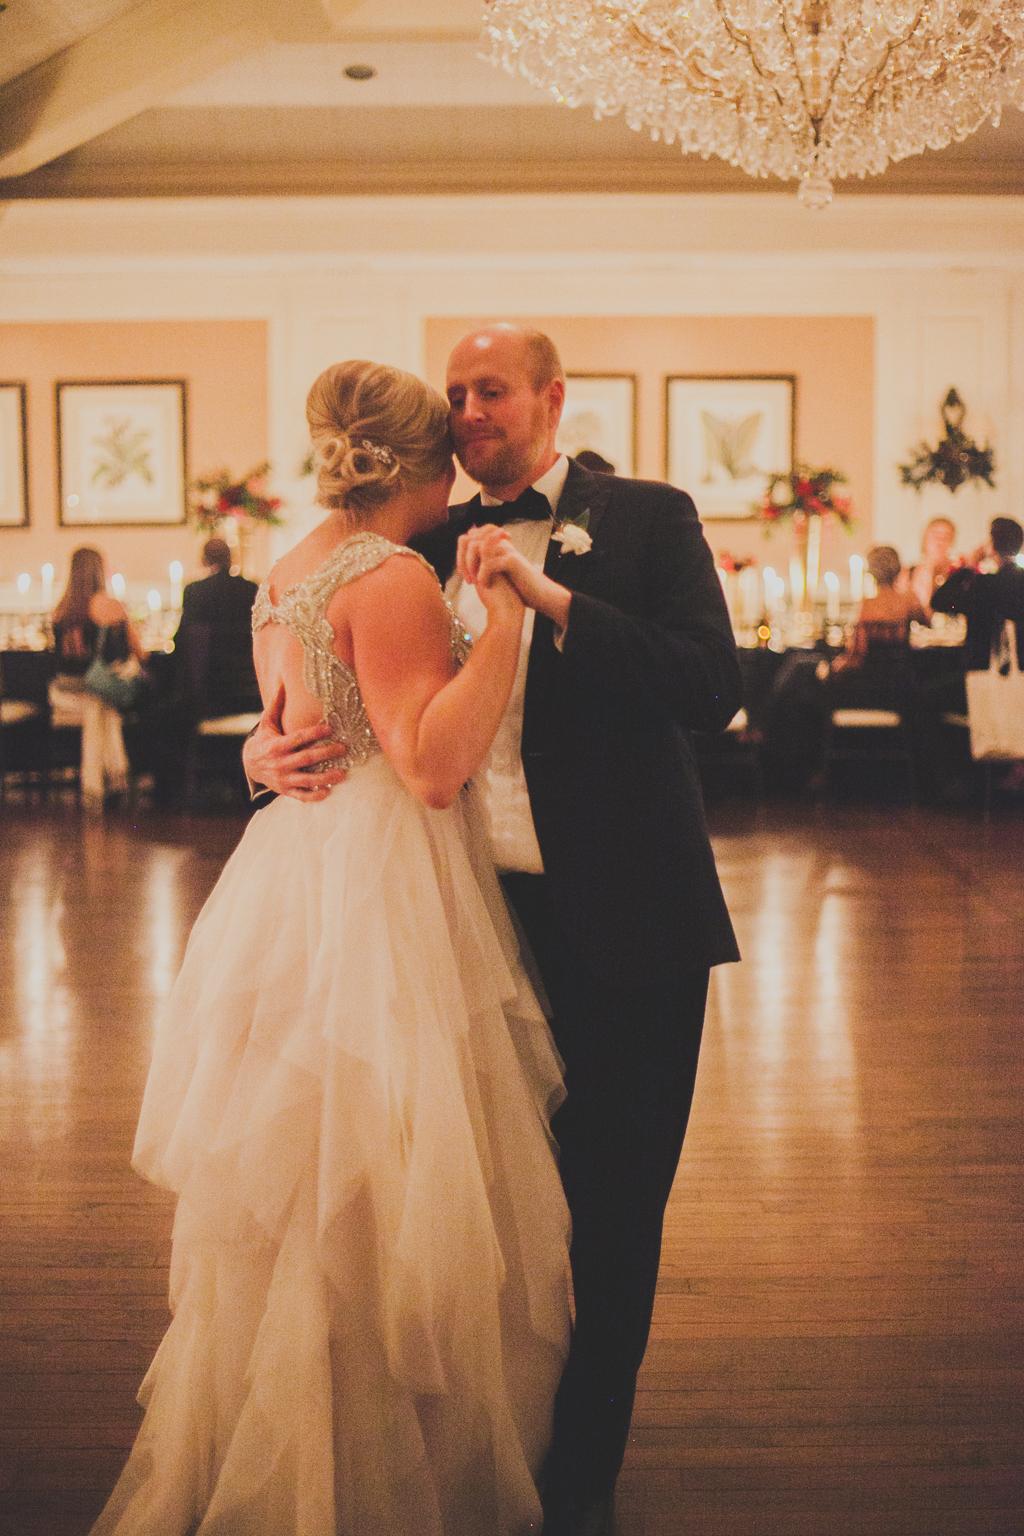 emilie-toby-new-years-wedding-19.jpg